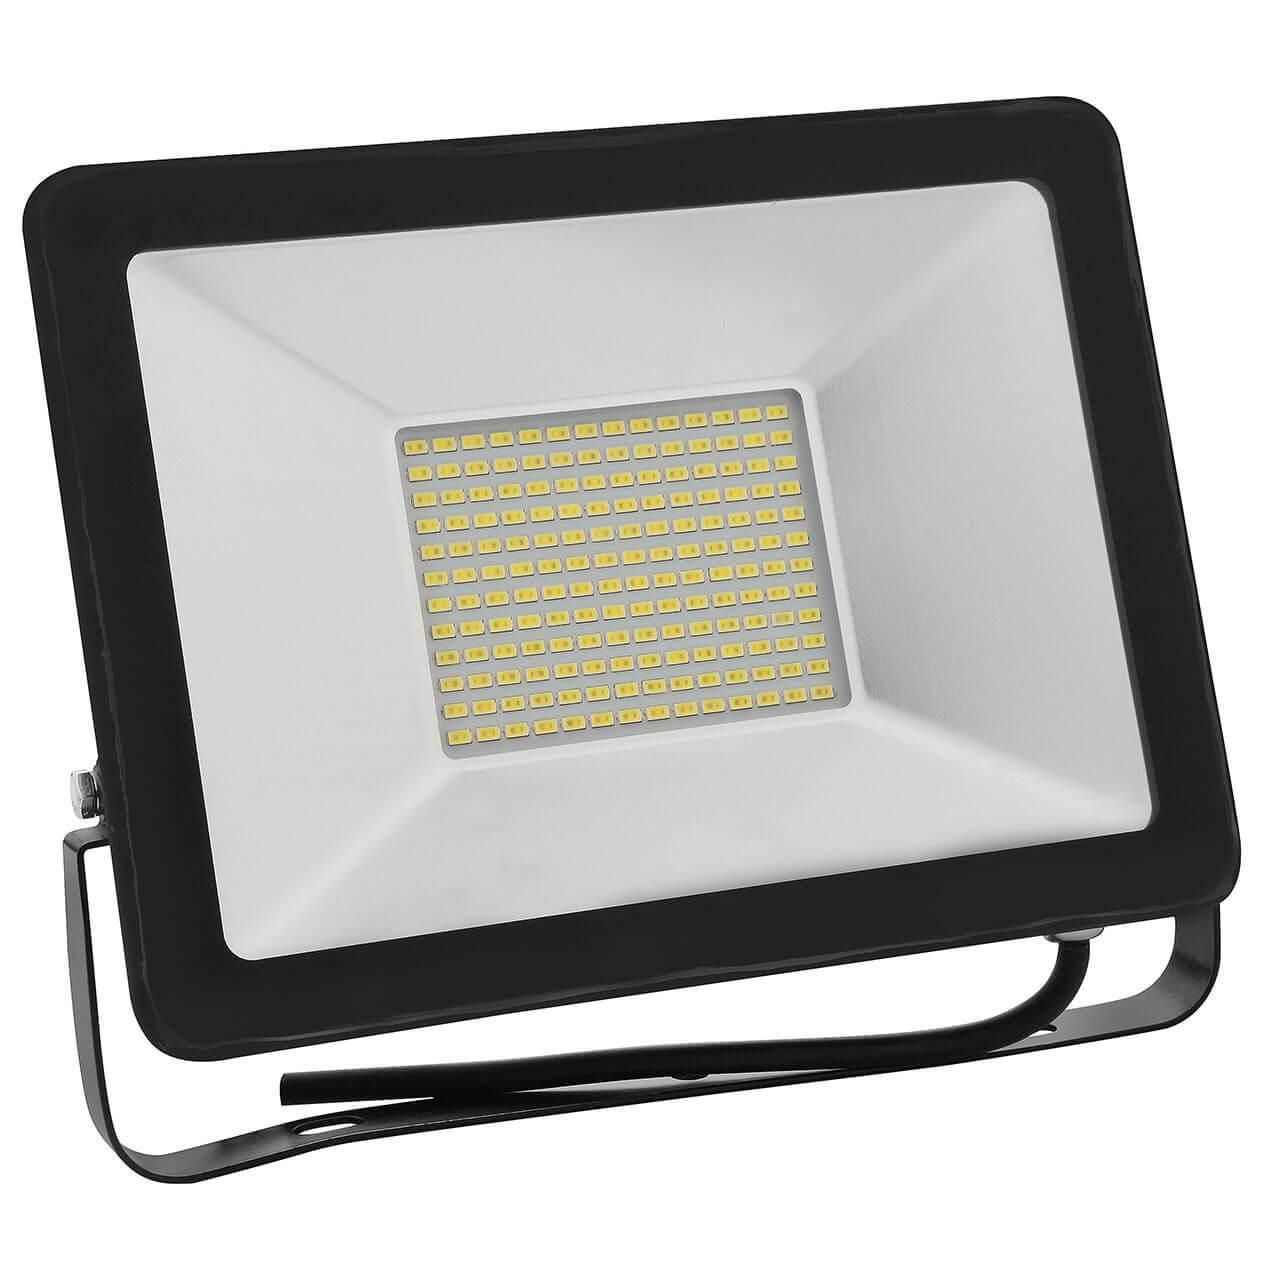 Прожектор Horoz 068-003-0050 068-003 velante 368 003 05